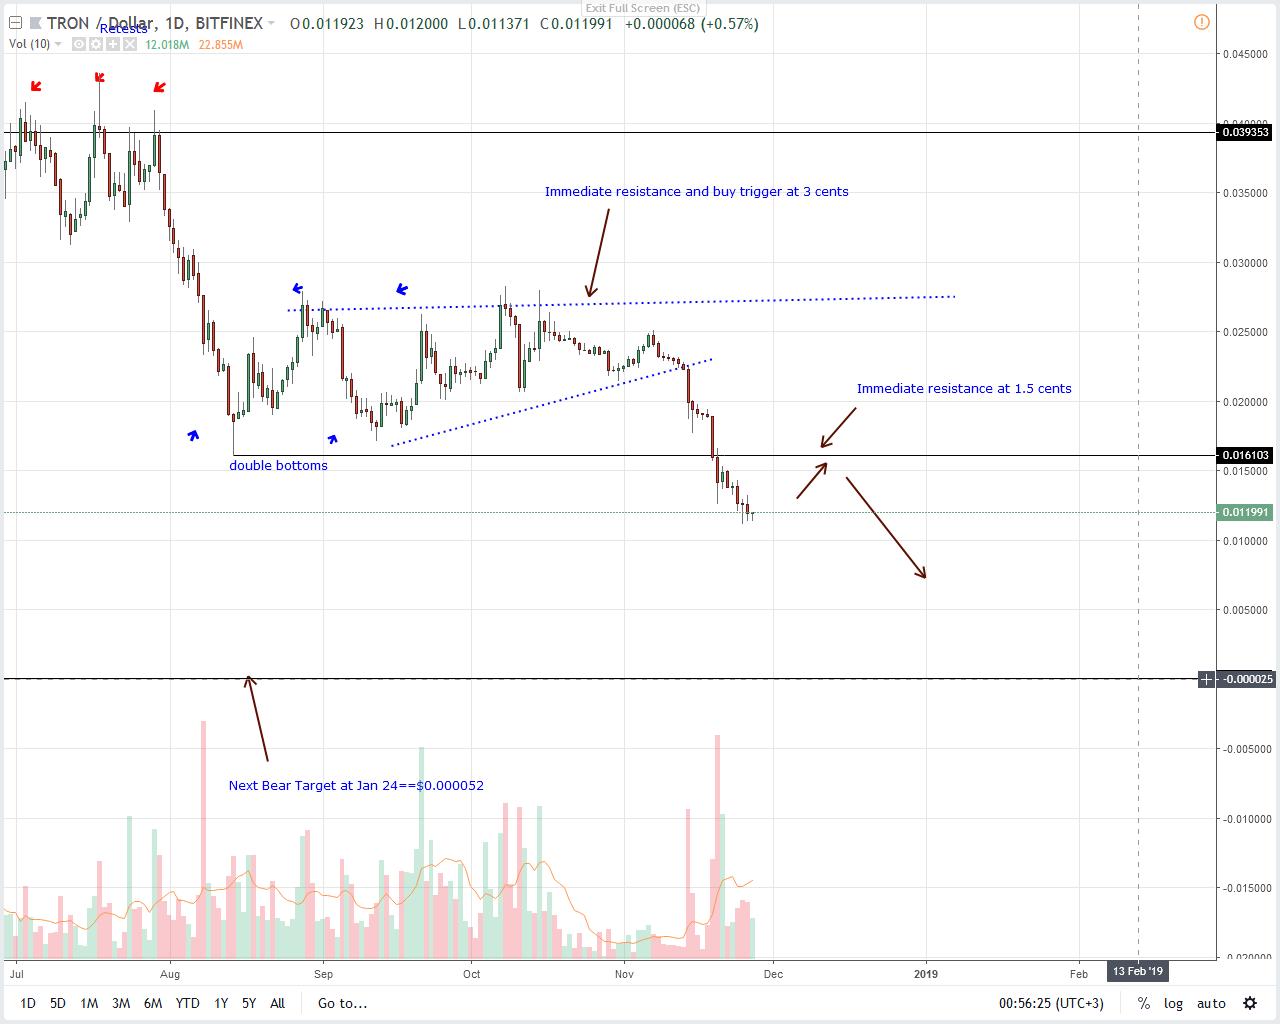 TRX / USD price analysis